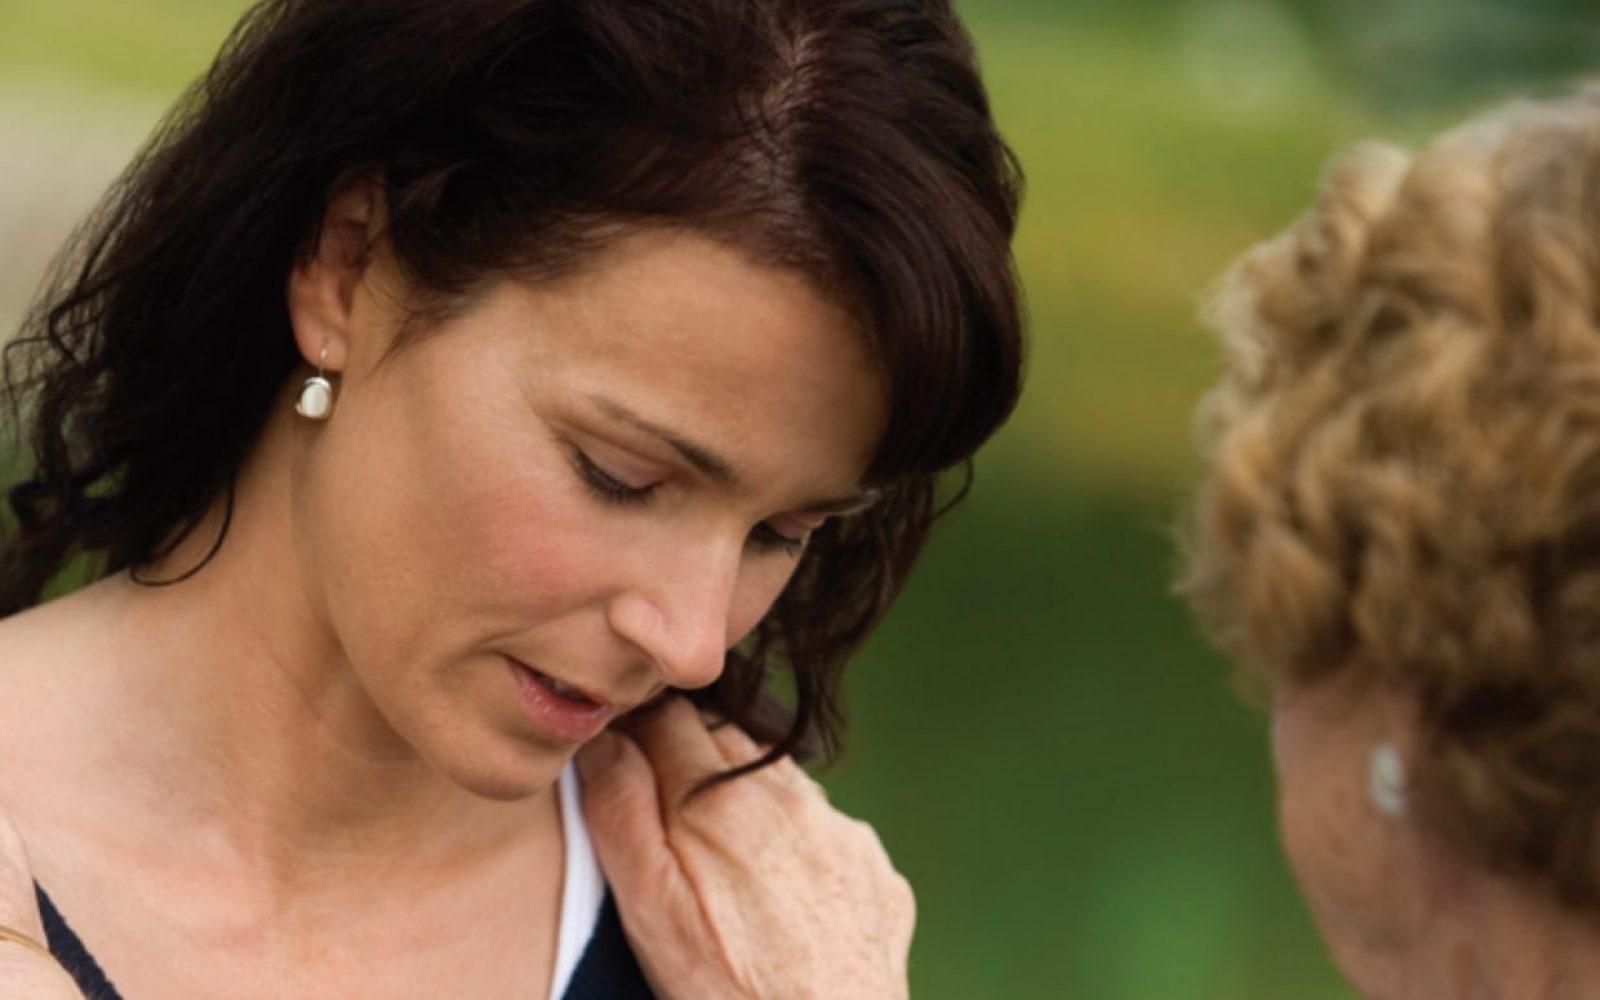 ZAKAJ TAKO BOLI Ko zaradi samomora izgubimo najbližje tolažba-min